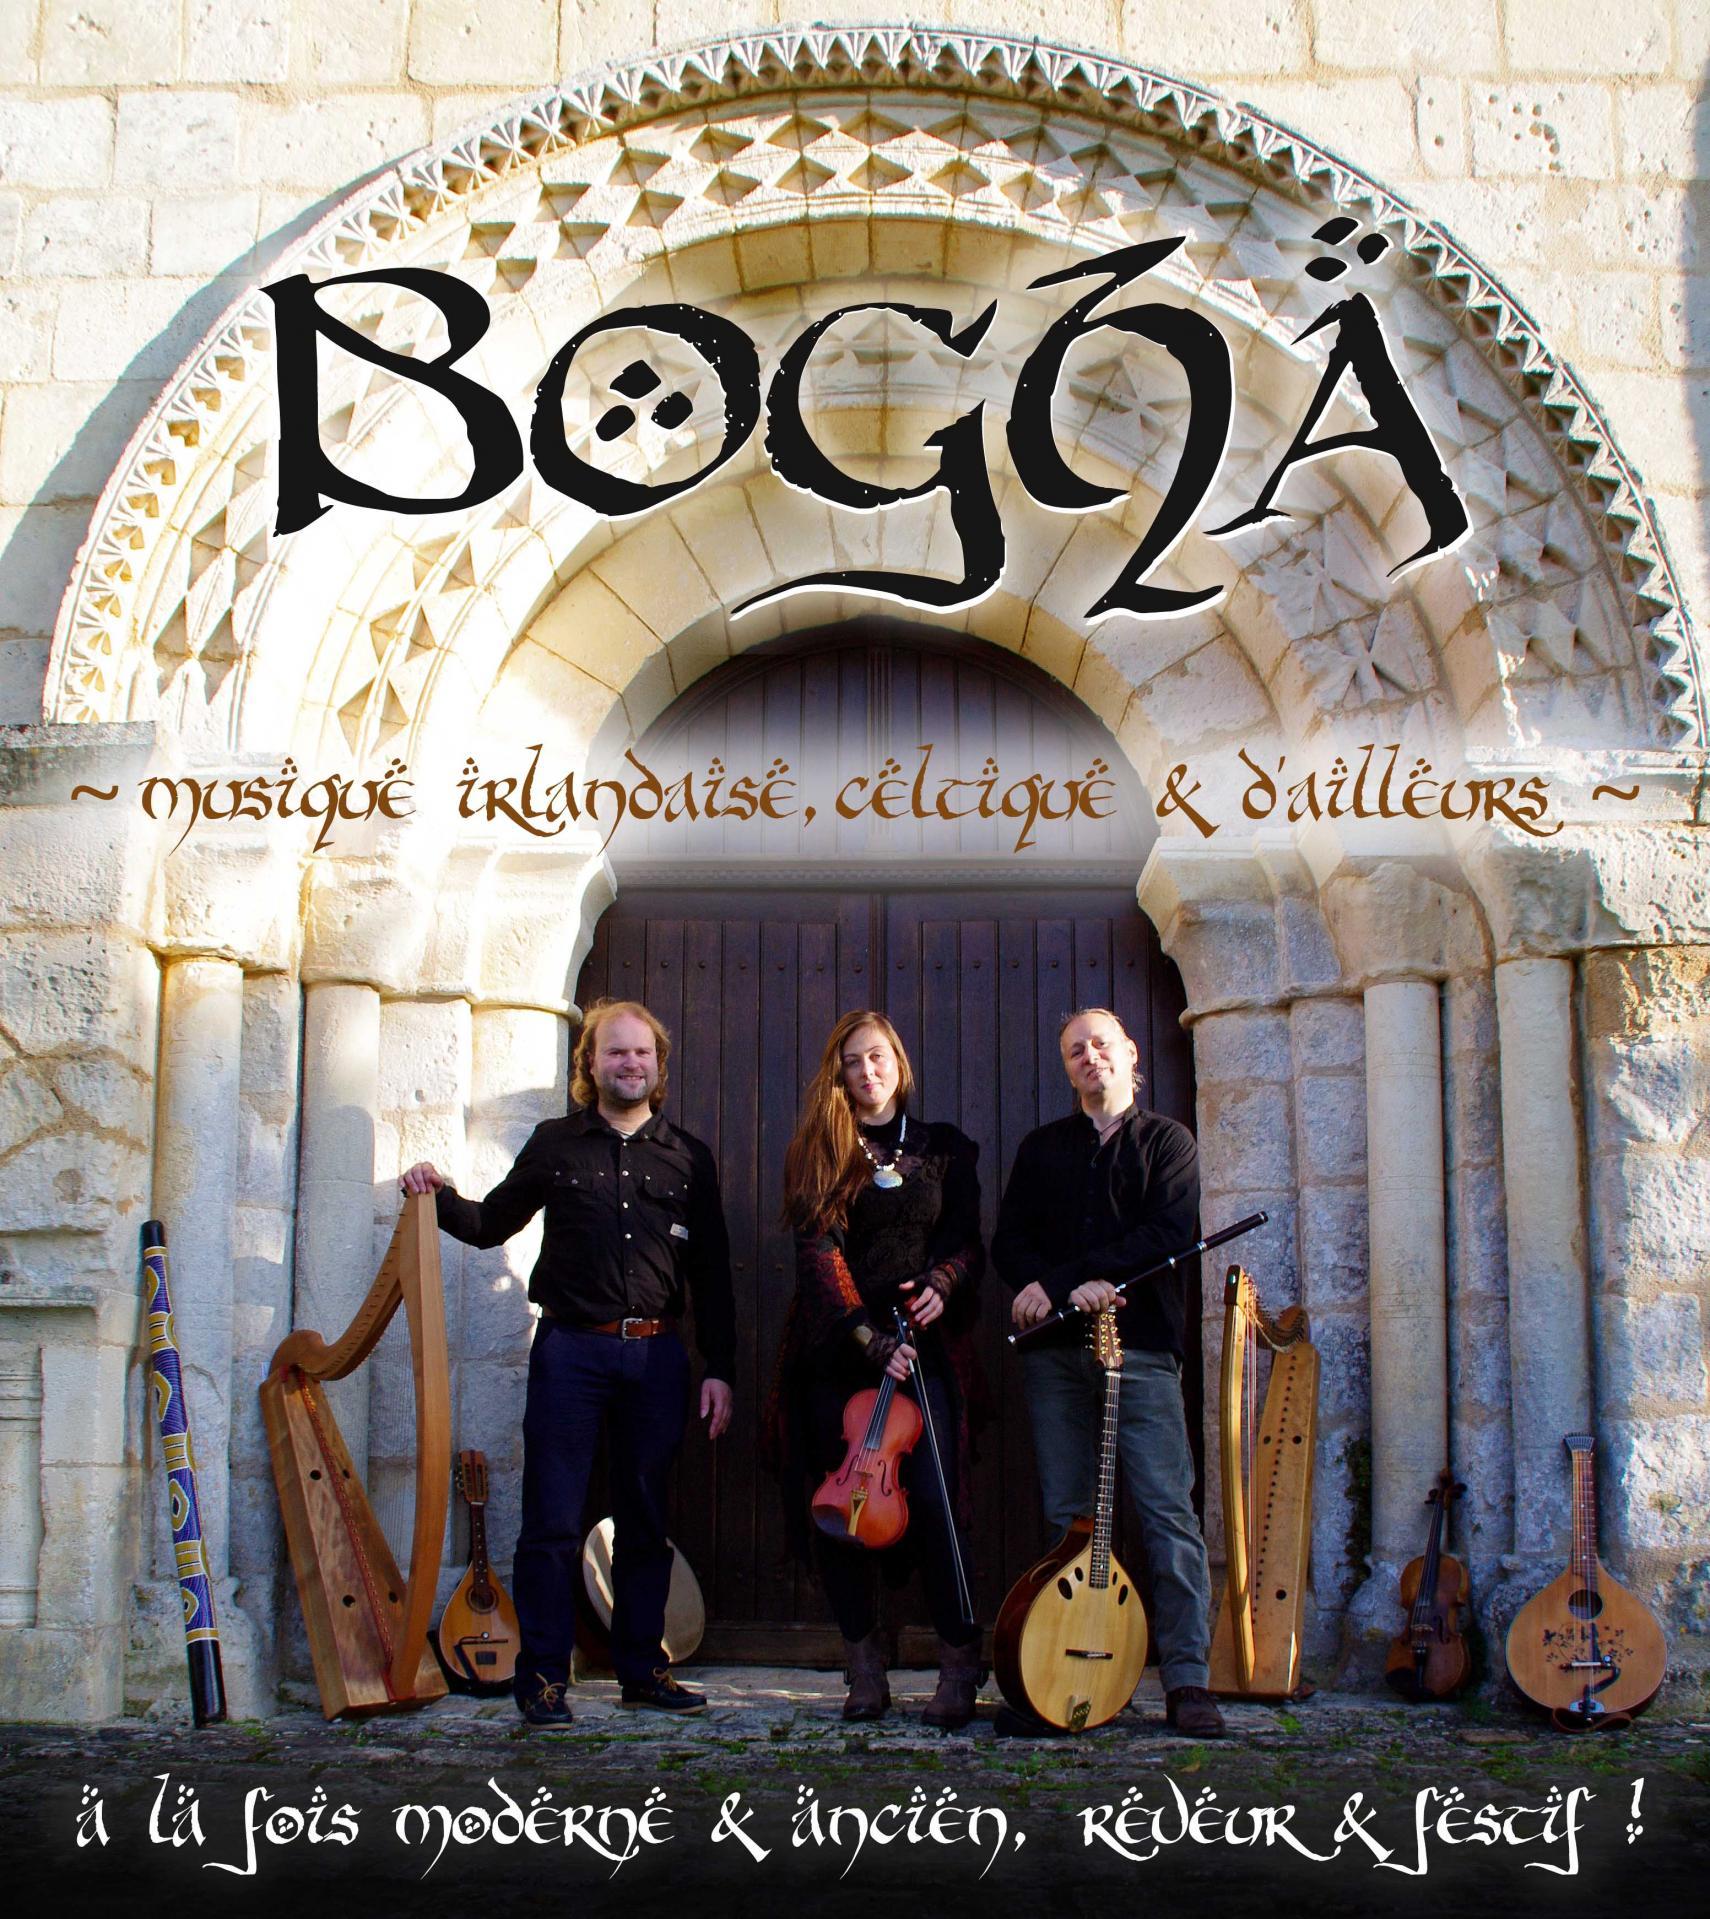 Bogha music irlandaise celtique text affiche en francais